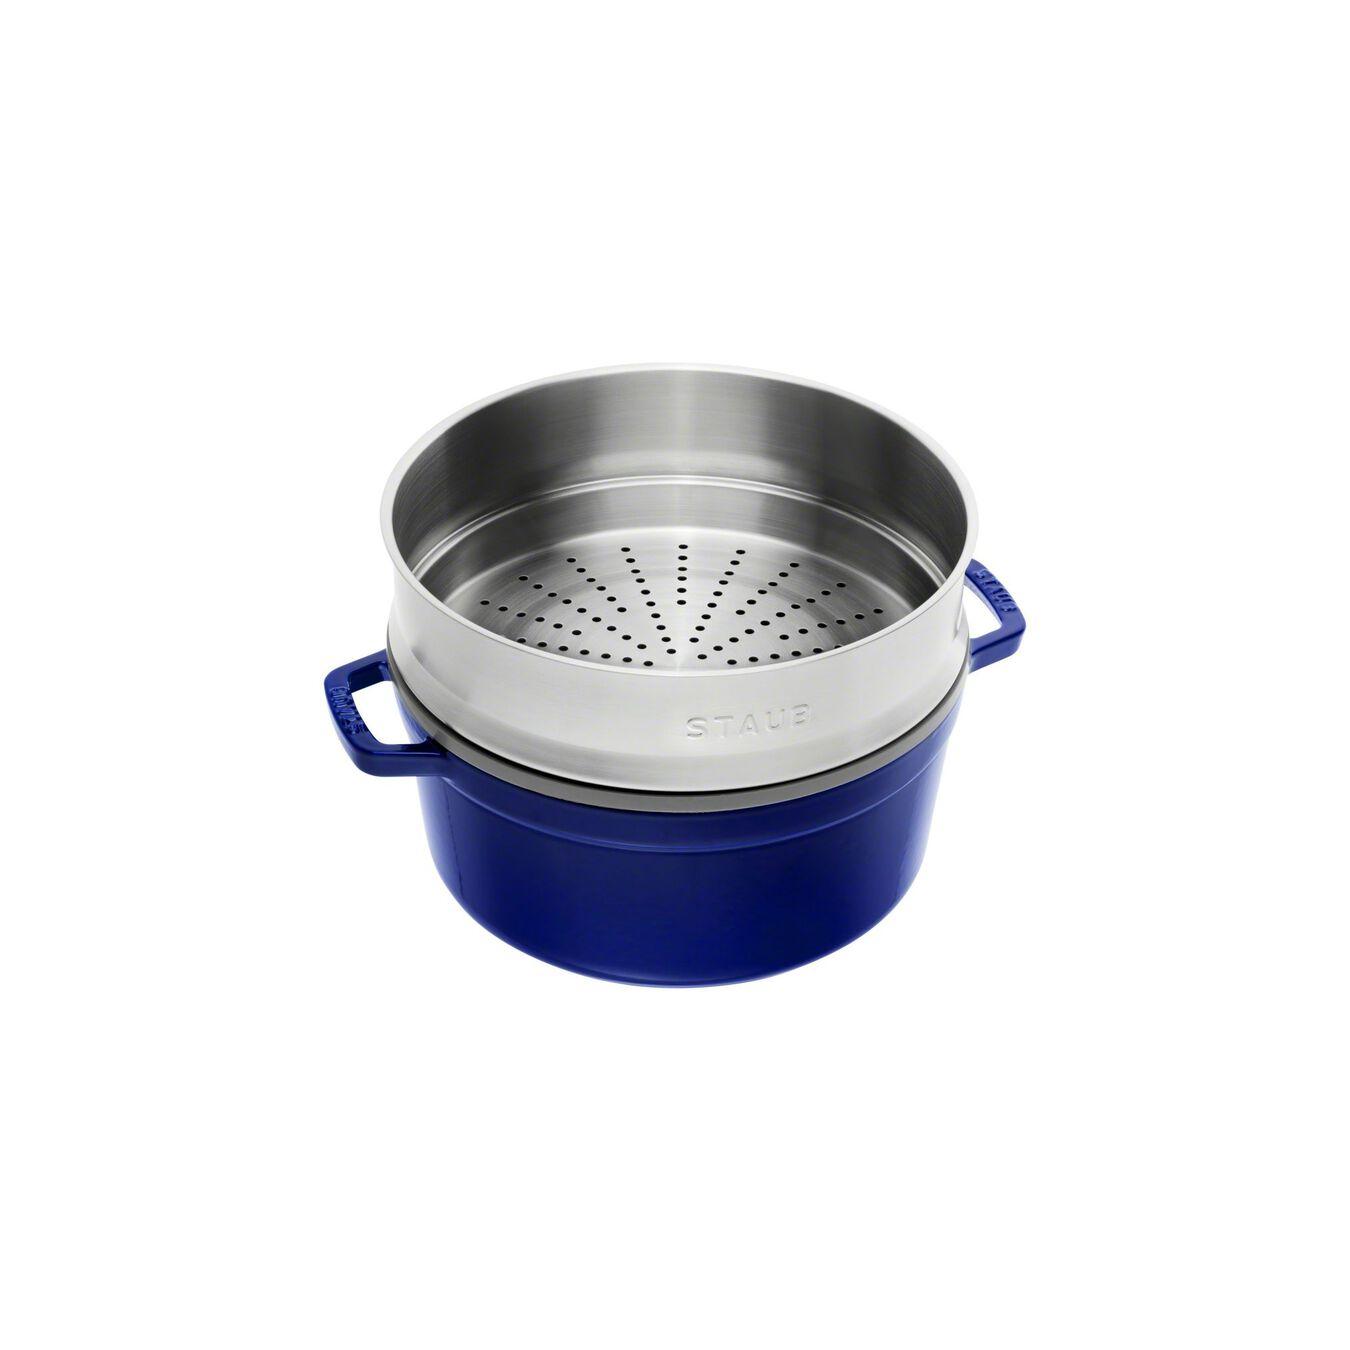 Cocotte con cestello a vapore rotonda - 26 cm, blu scuro,,large 2